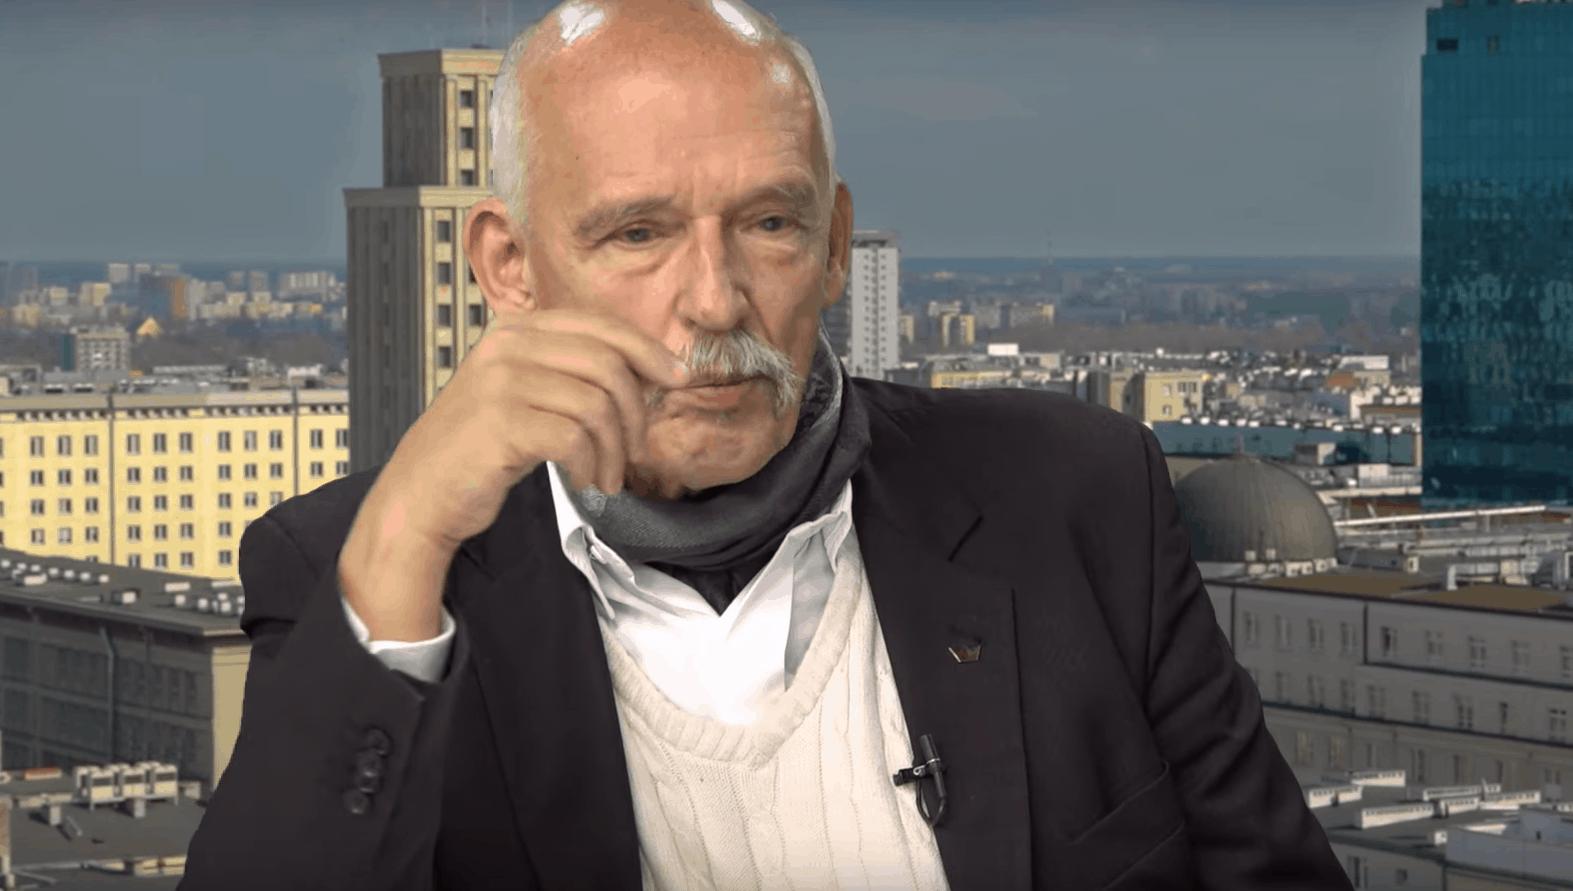 Janusz Korwin Mikke słynie ze swoich kontrowersyjnych wypowiedzi. Na jego słowa zareagował Dominik Tarczyński, który wzywał go na pojedynek.